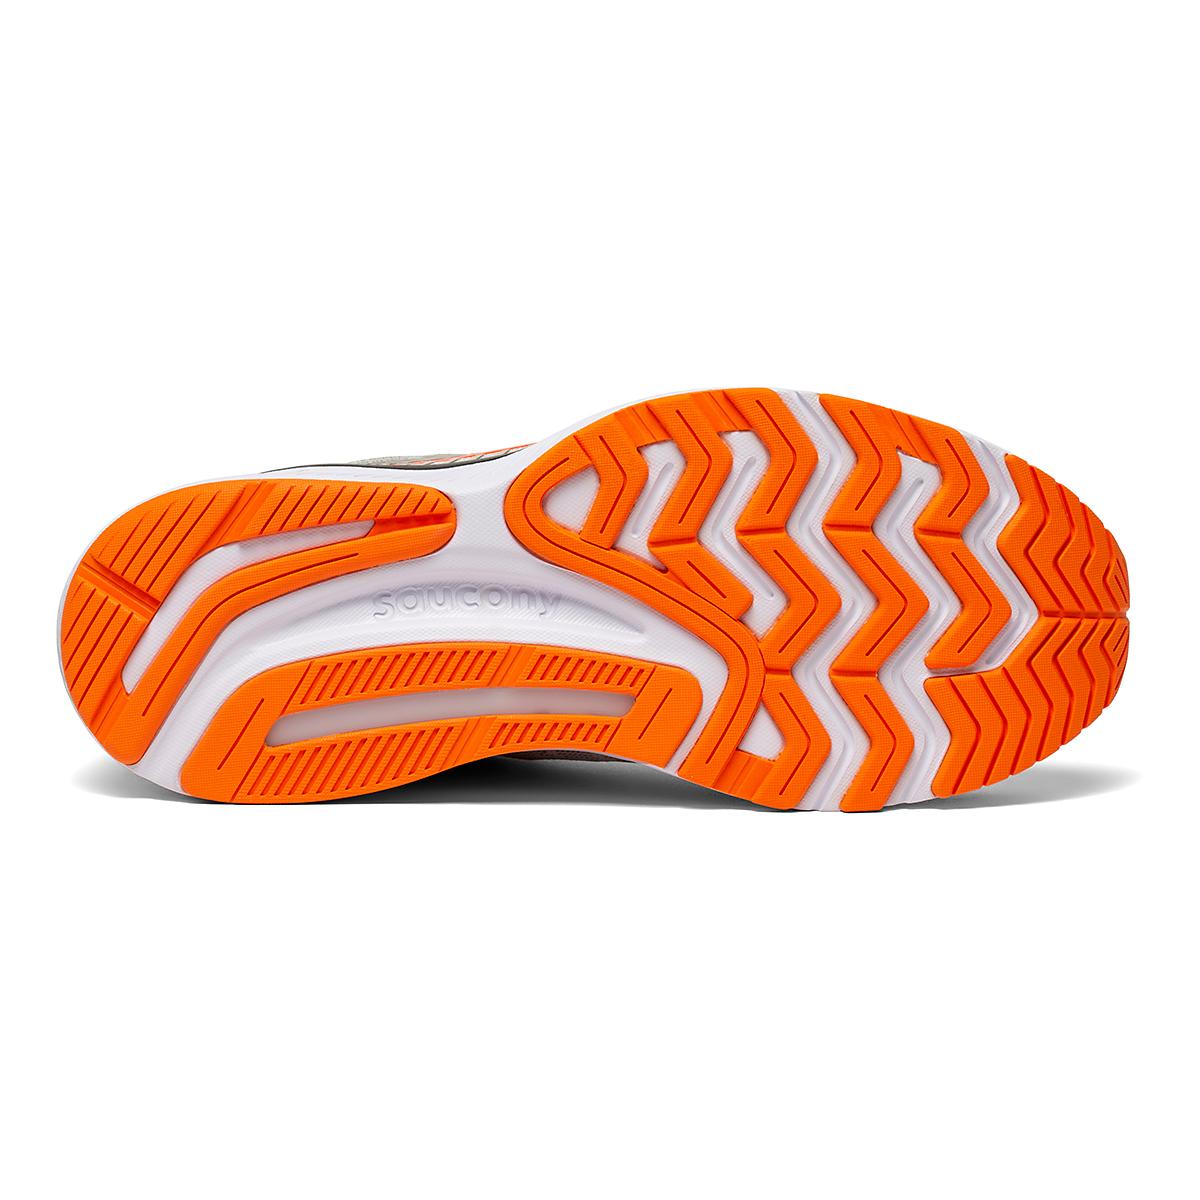 Men's Saucony Guide 14 Running Shoe - Color: Jackalope - Size: 7 - Width: Regular, Jackalope, large, image 4